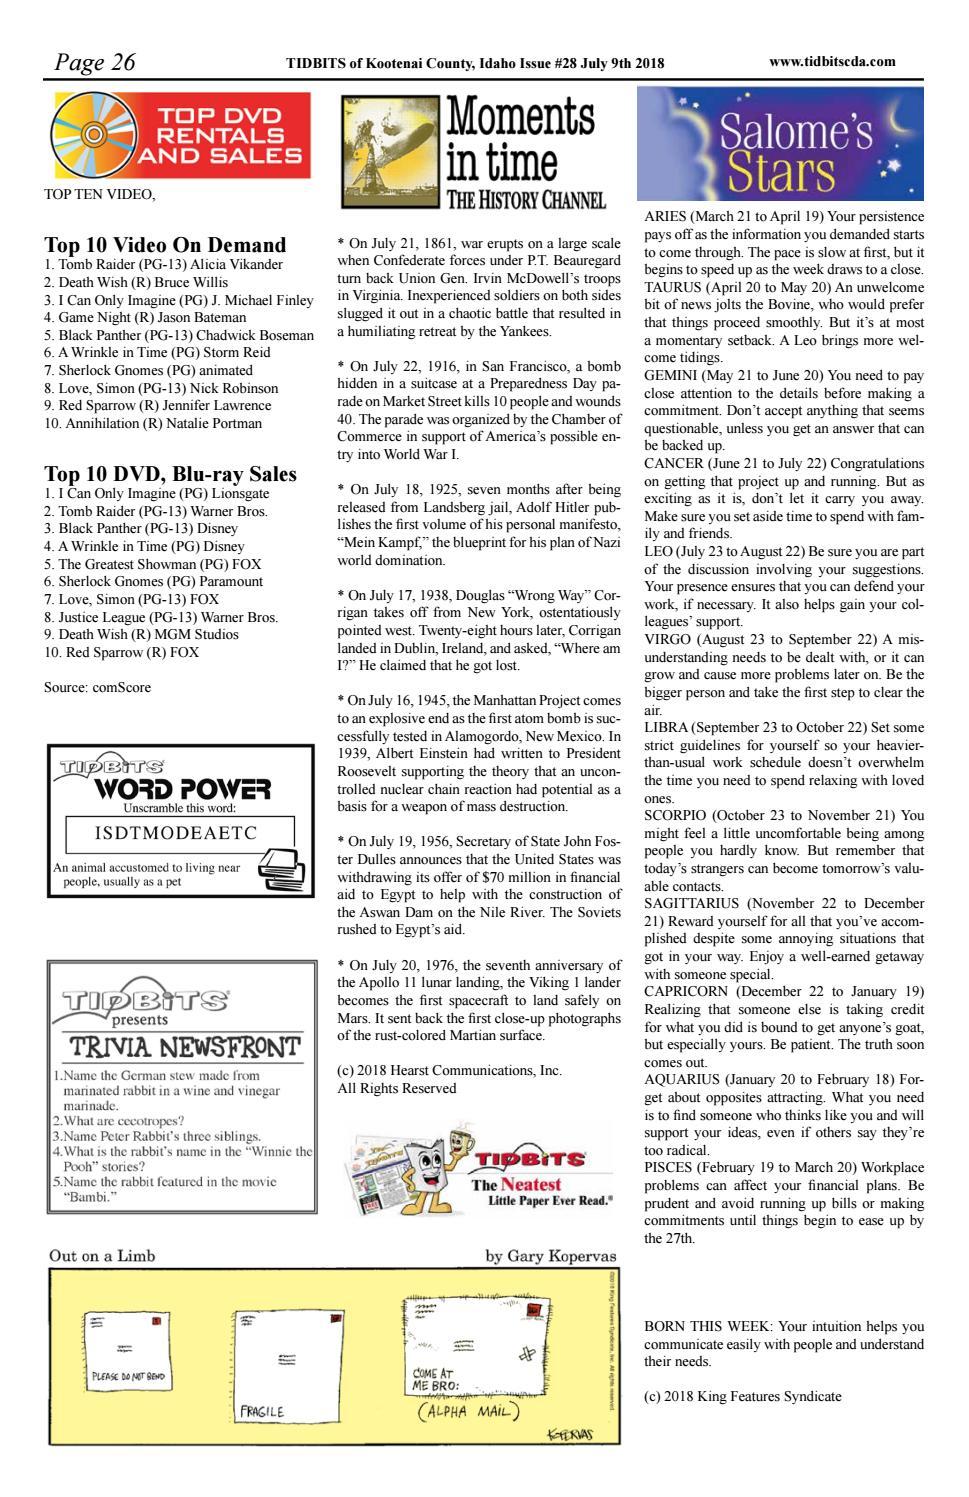 TIDBITS Issue 28 2018 CDA by TIDBITS Kootenai County, Idaho - issuu